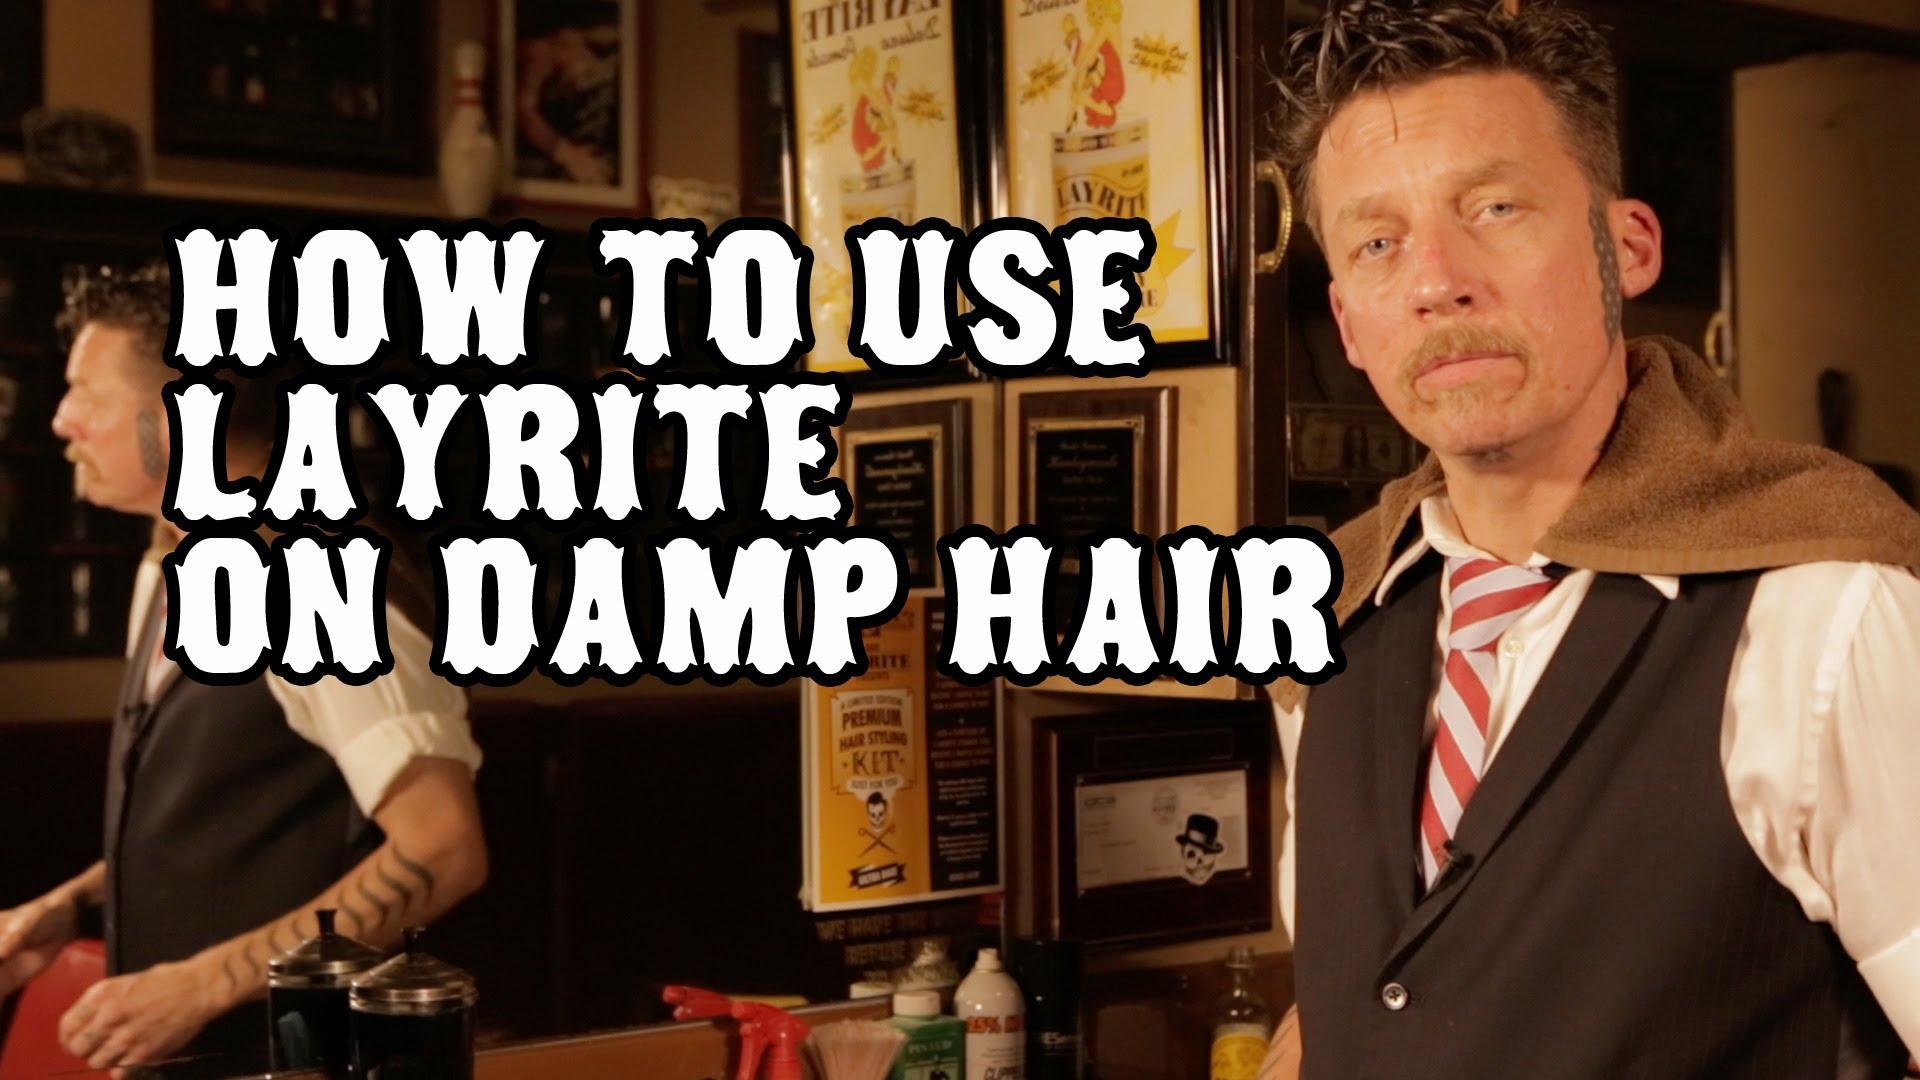 Πώς να χρησιμοποιήσετε το layrite pomade σε νωπά μαλλιά